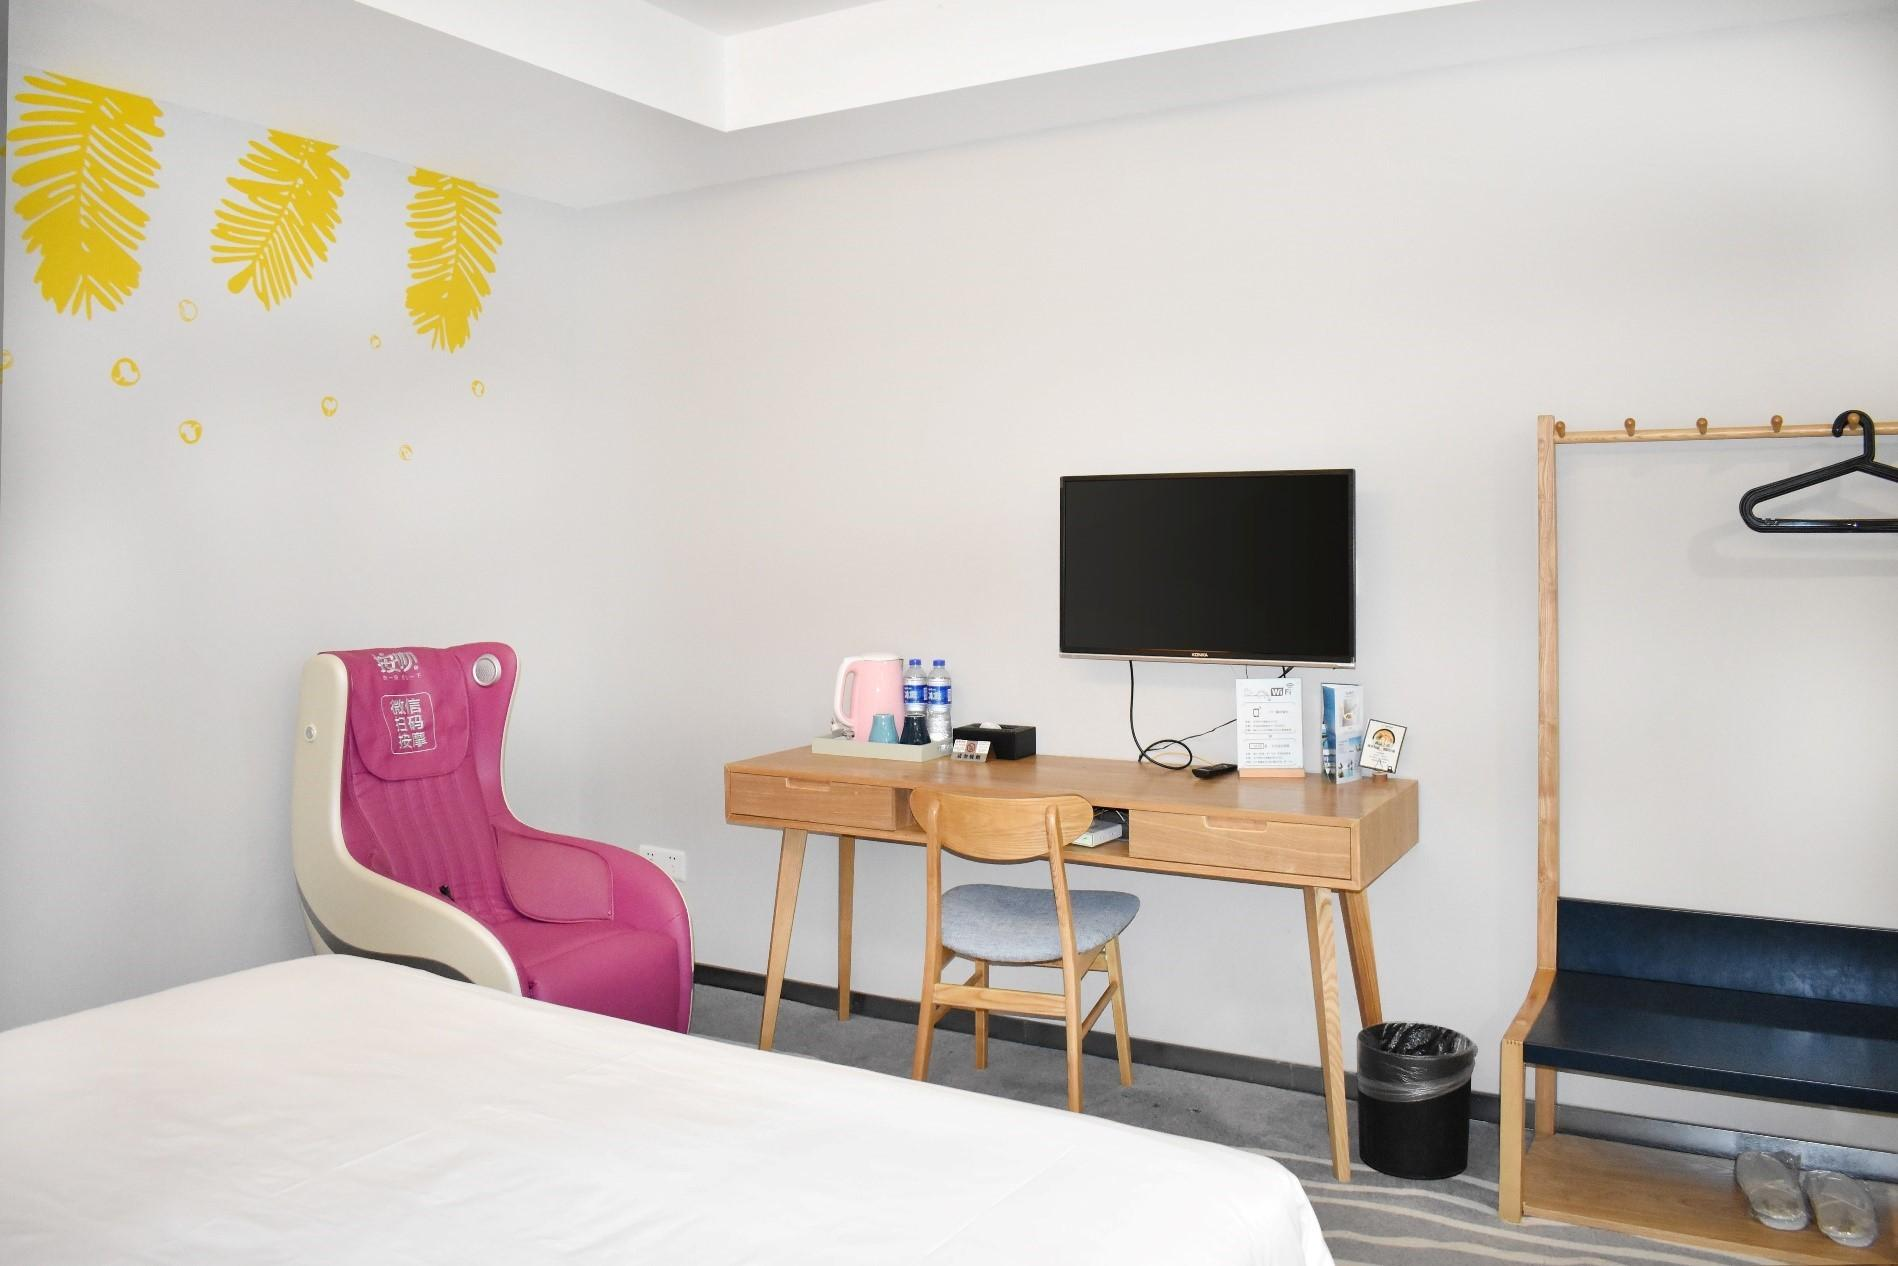 ブログ精品ホテル(深圳蛇口店)エレガントな大ベッドルーム